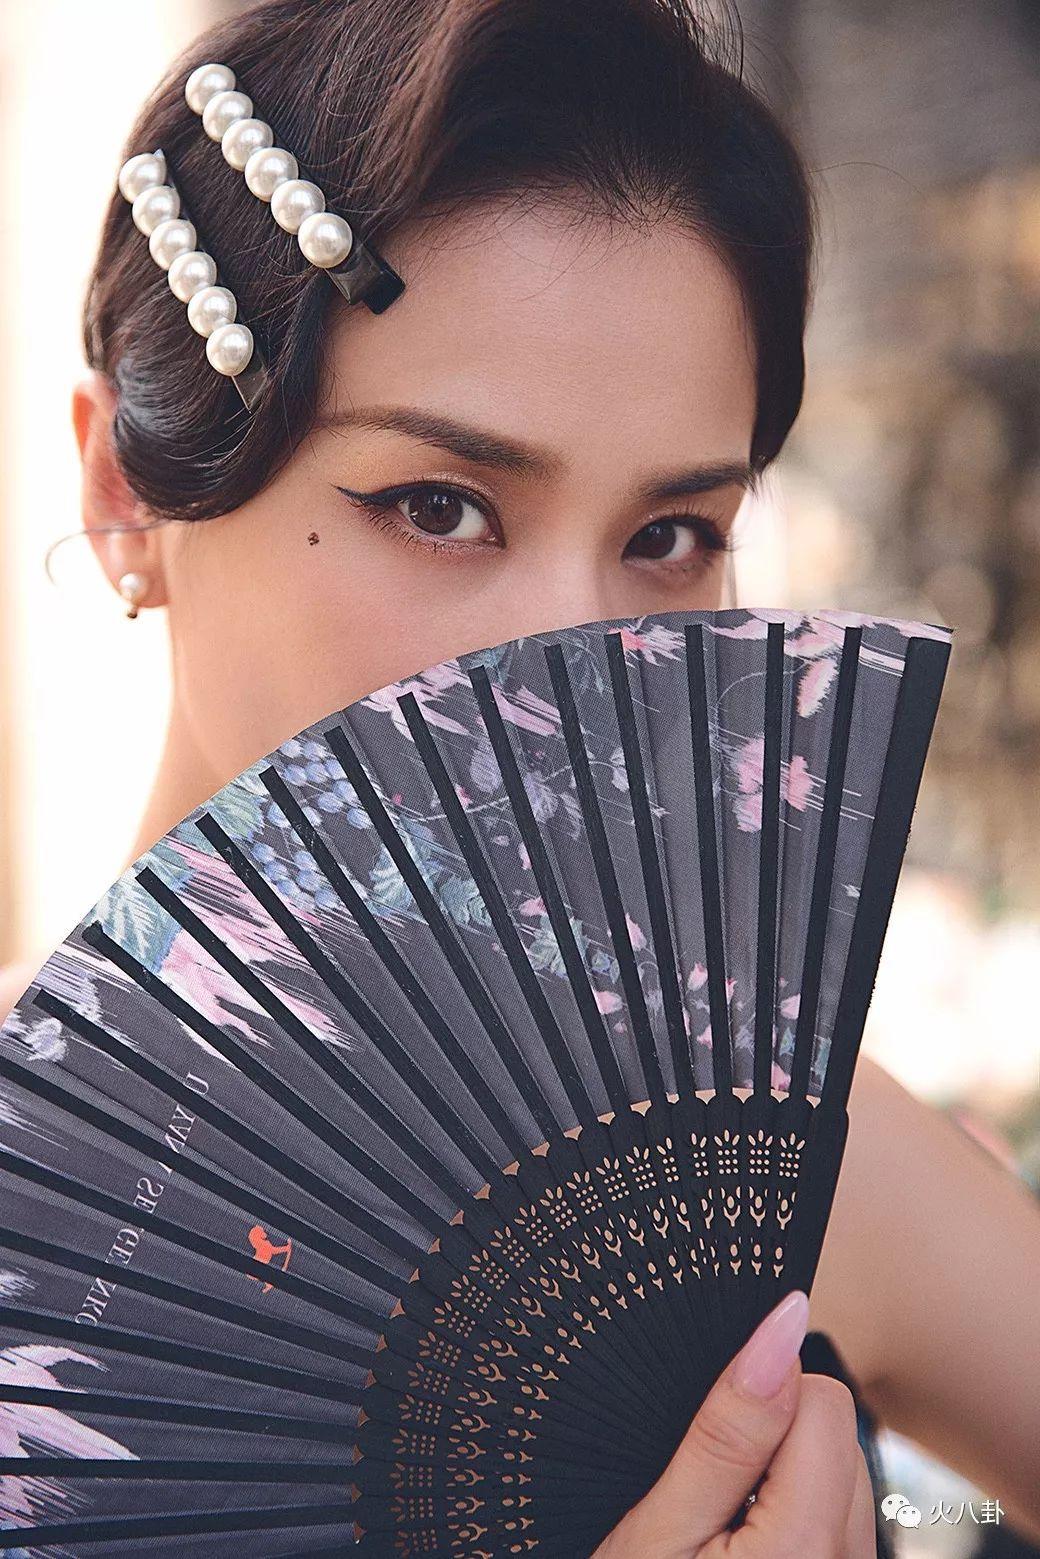 黄圣依优雅亮相巴黎秋冬高定时装周,被赞时尚高级脸